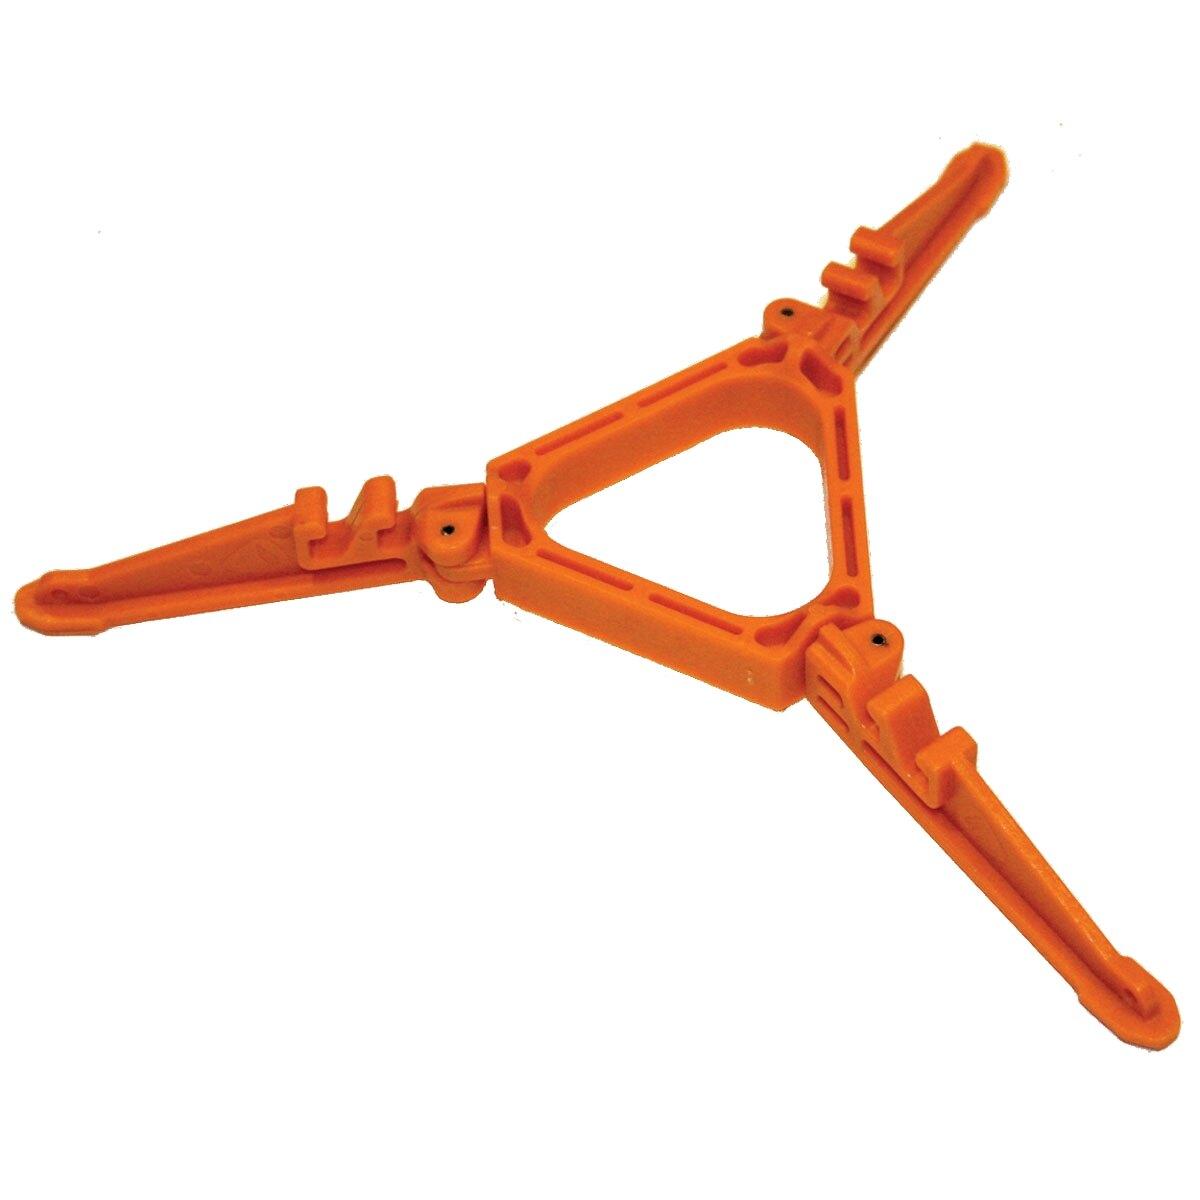 Stabilizačná trojnožka na kartuši JETBOIL® - oranžová